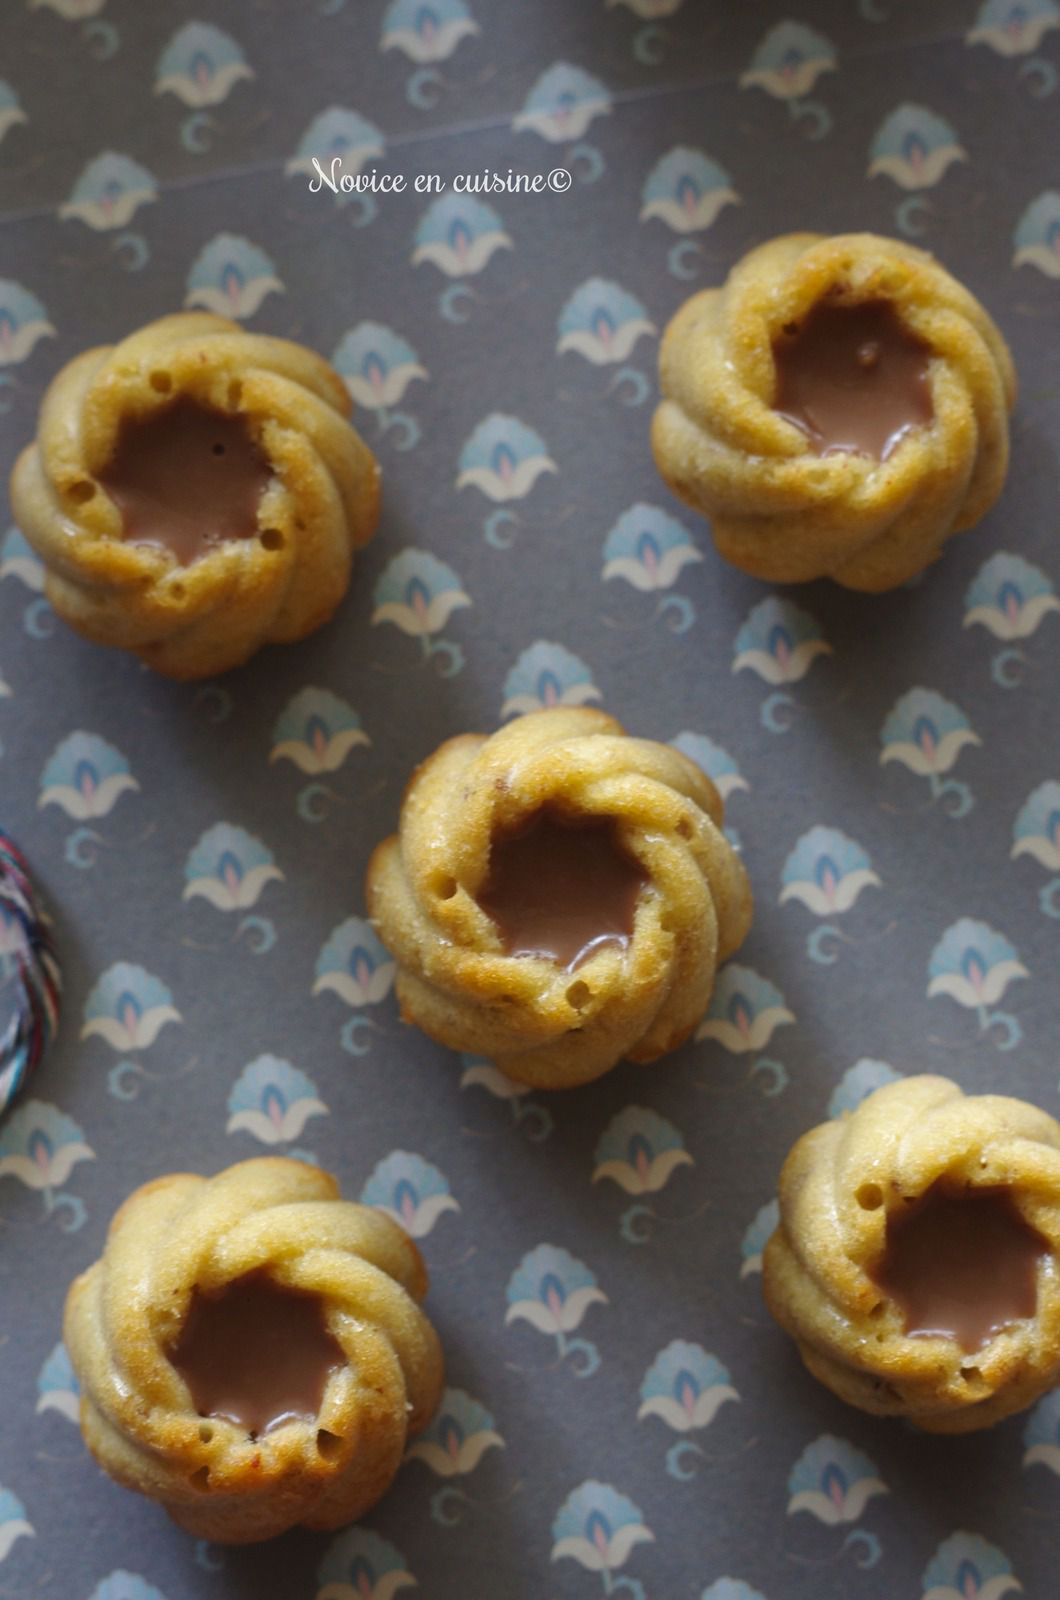 Petites bouchées au sirop d'érable et noix de pécan